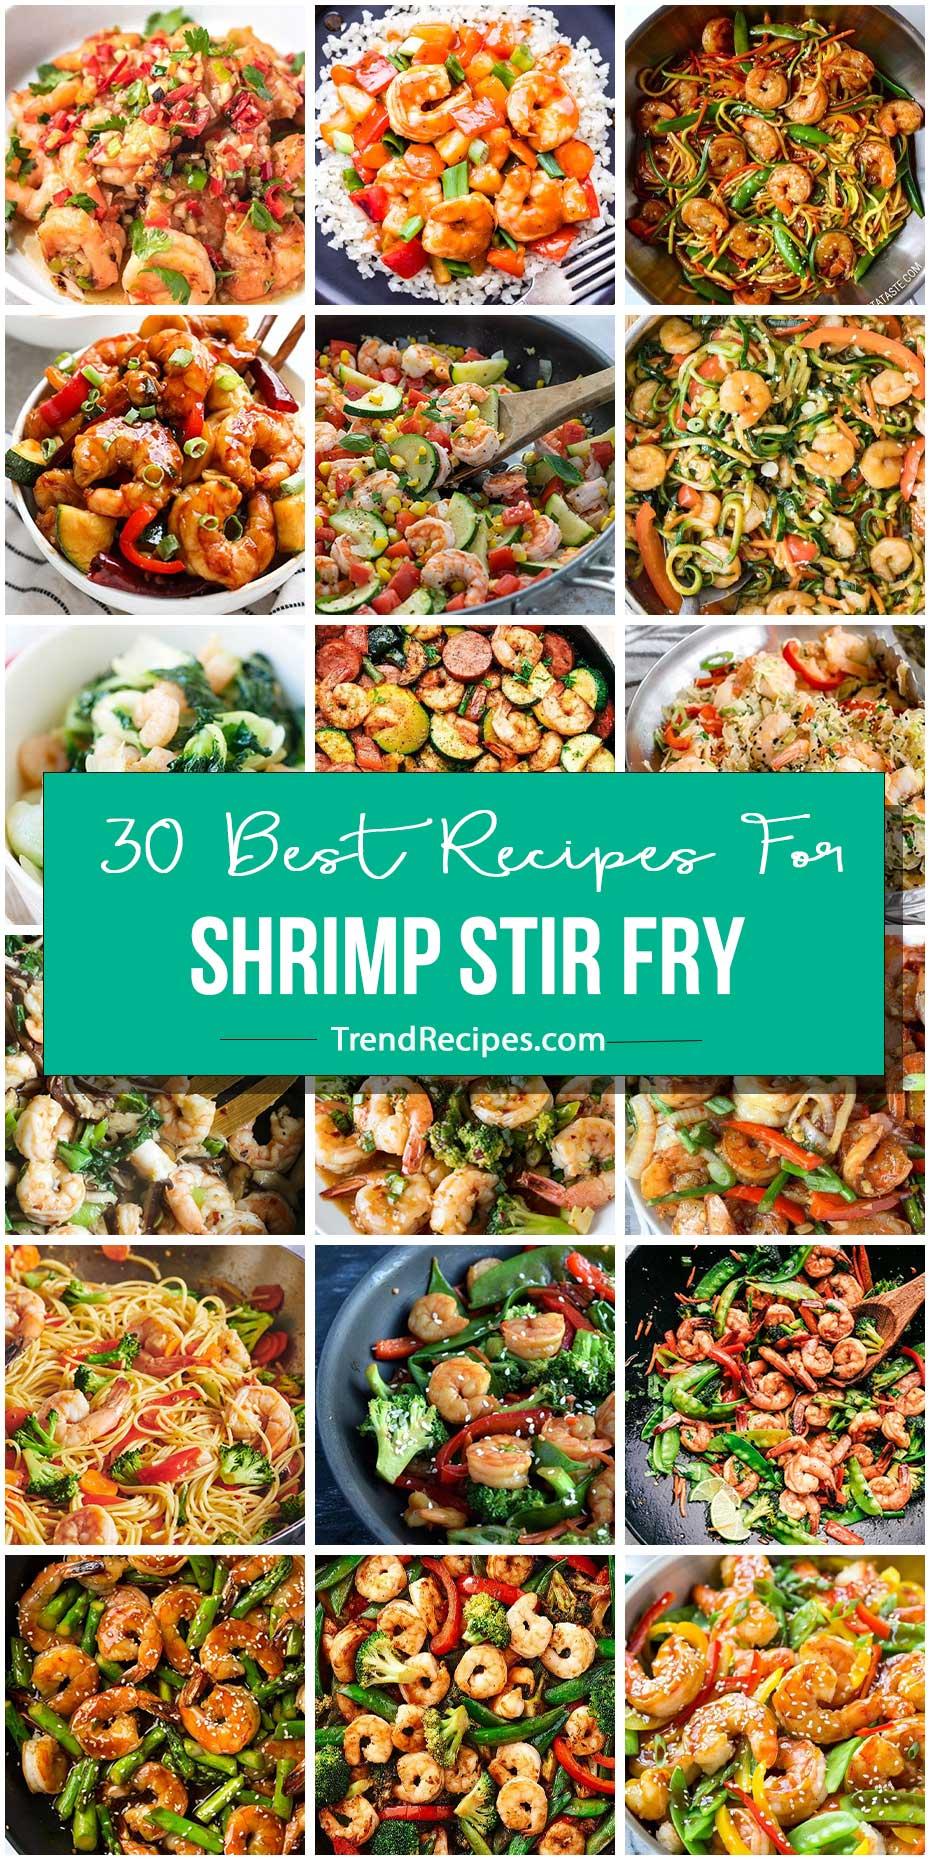 30 Crazy Good Recipes For Shrimp Stir Fry